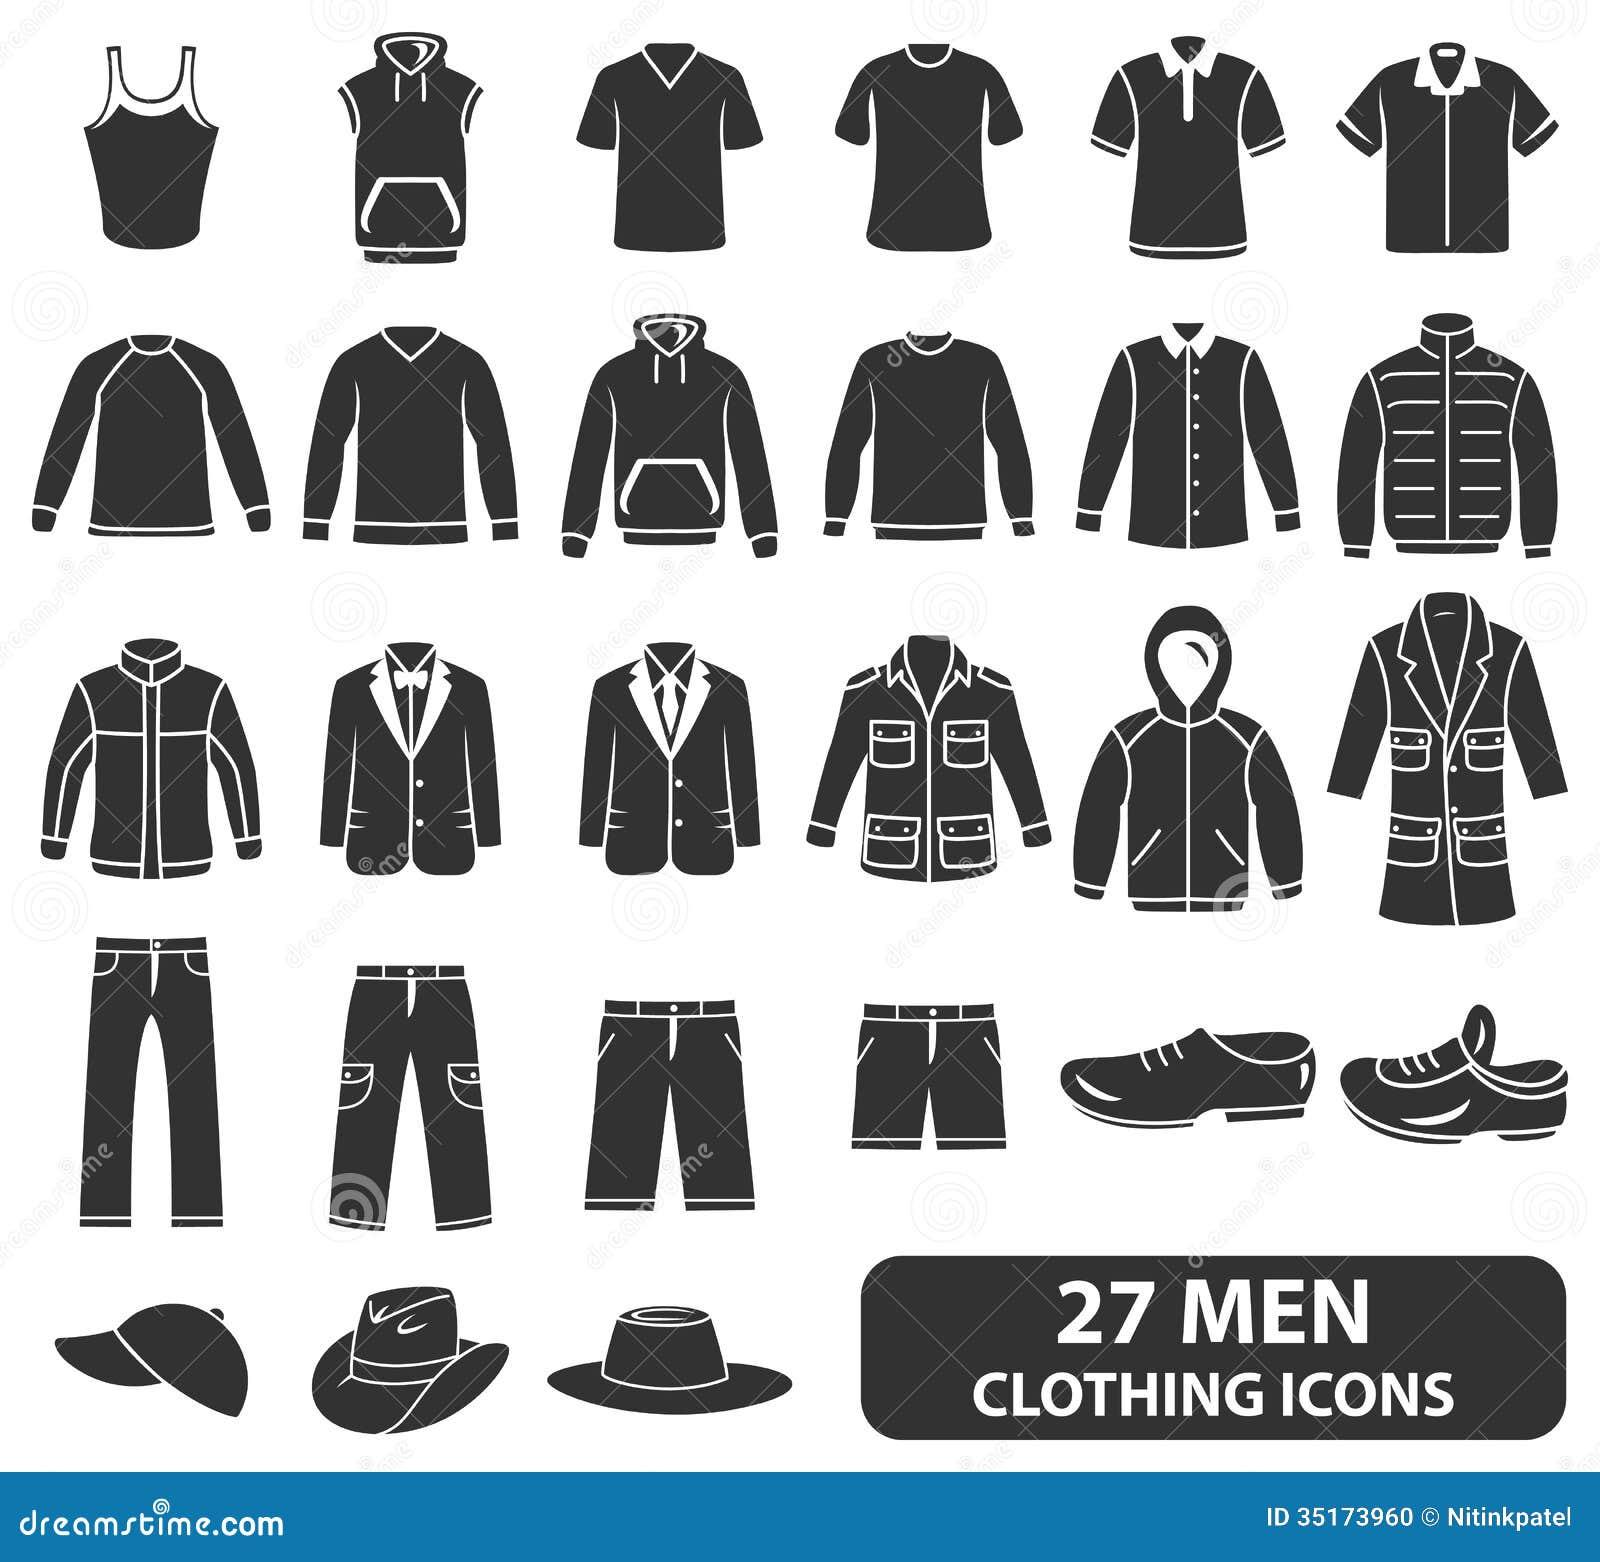 Men Clothing Icons Stock Photo Image 35173960